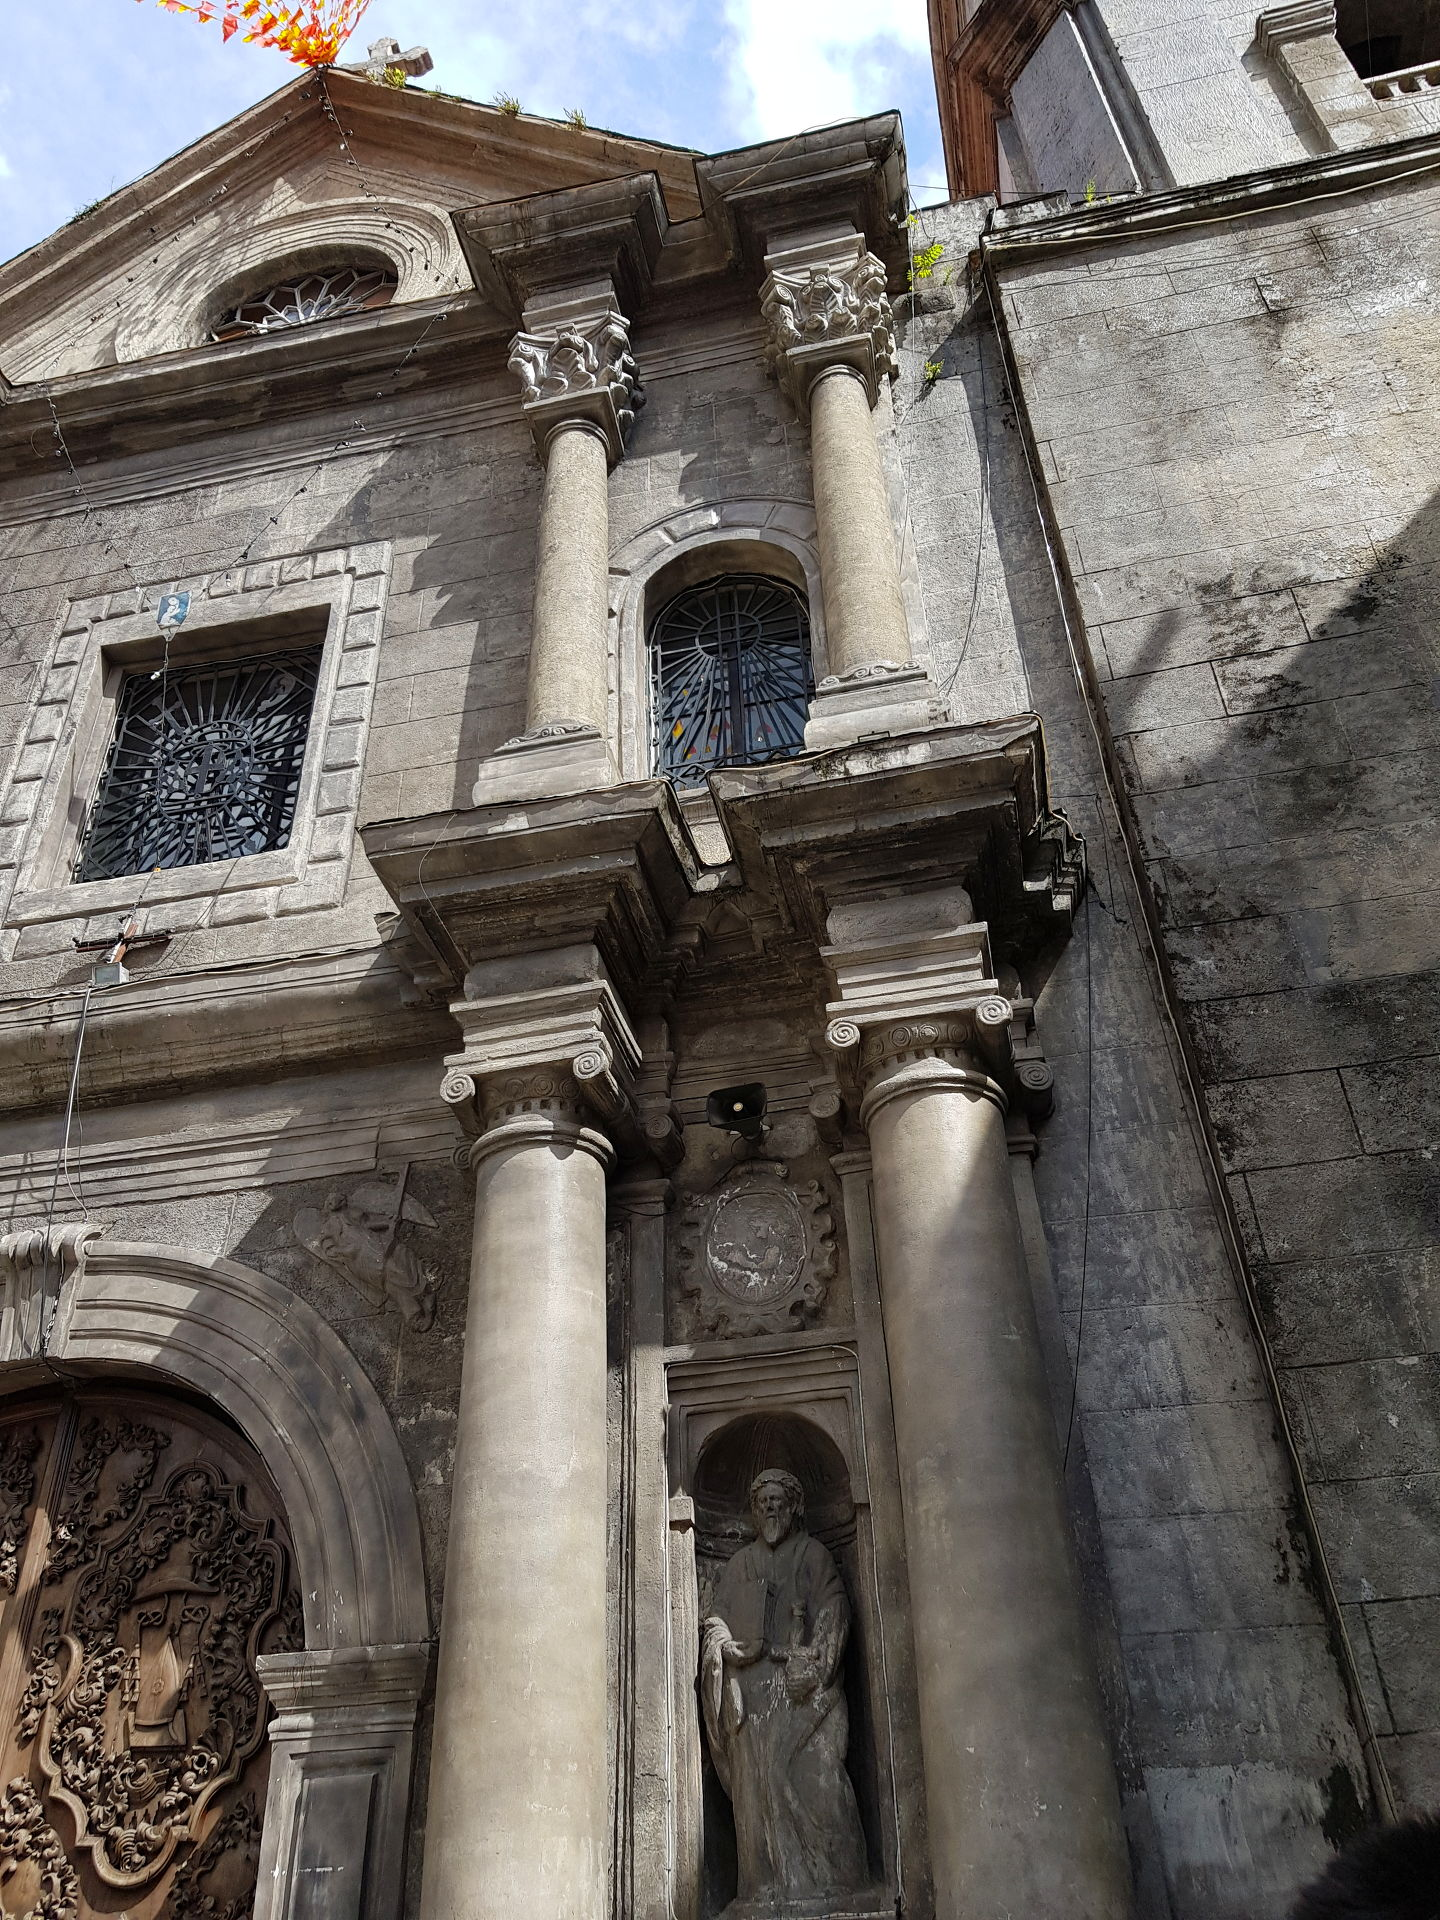 這個教堂很「哈利波特」~馬尼拉聖奧古斯丁大教堂+博物館